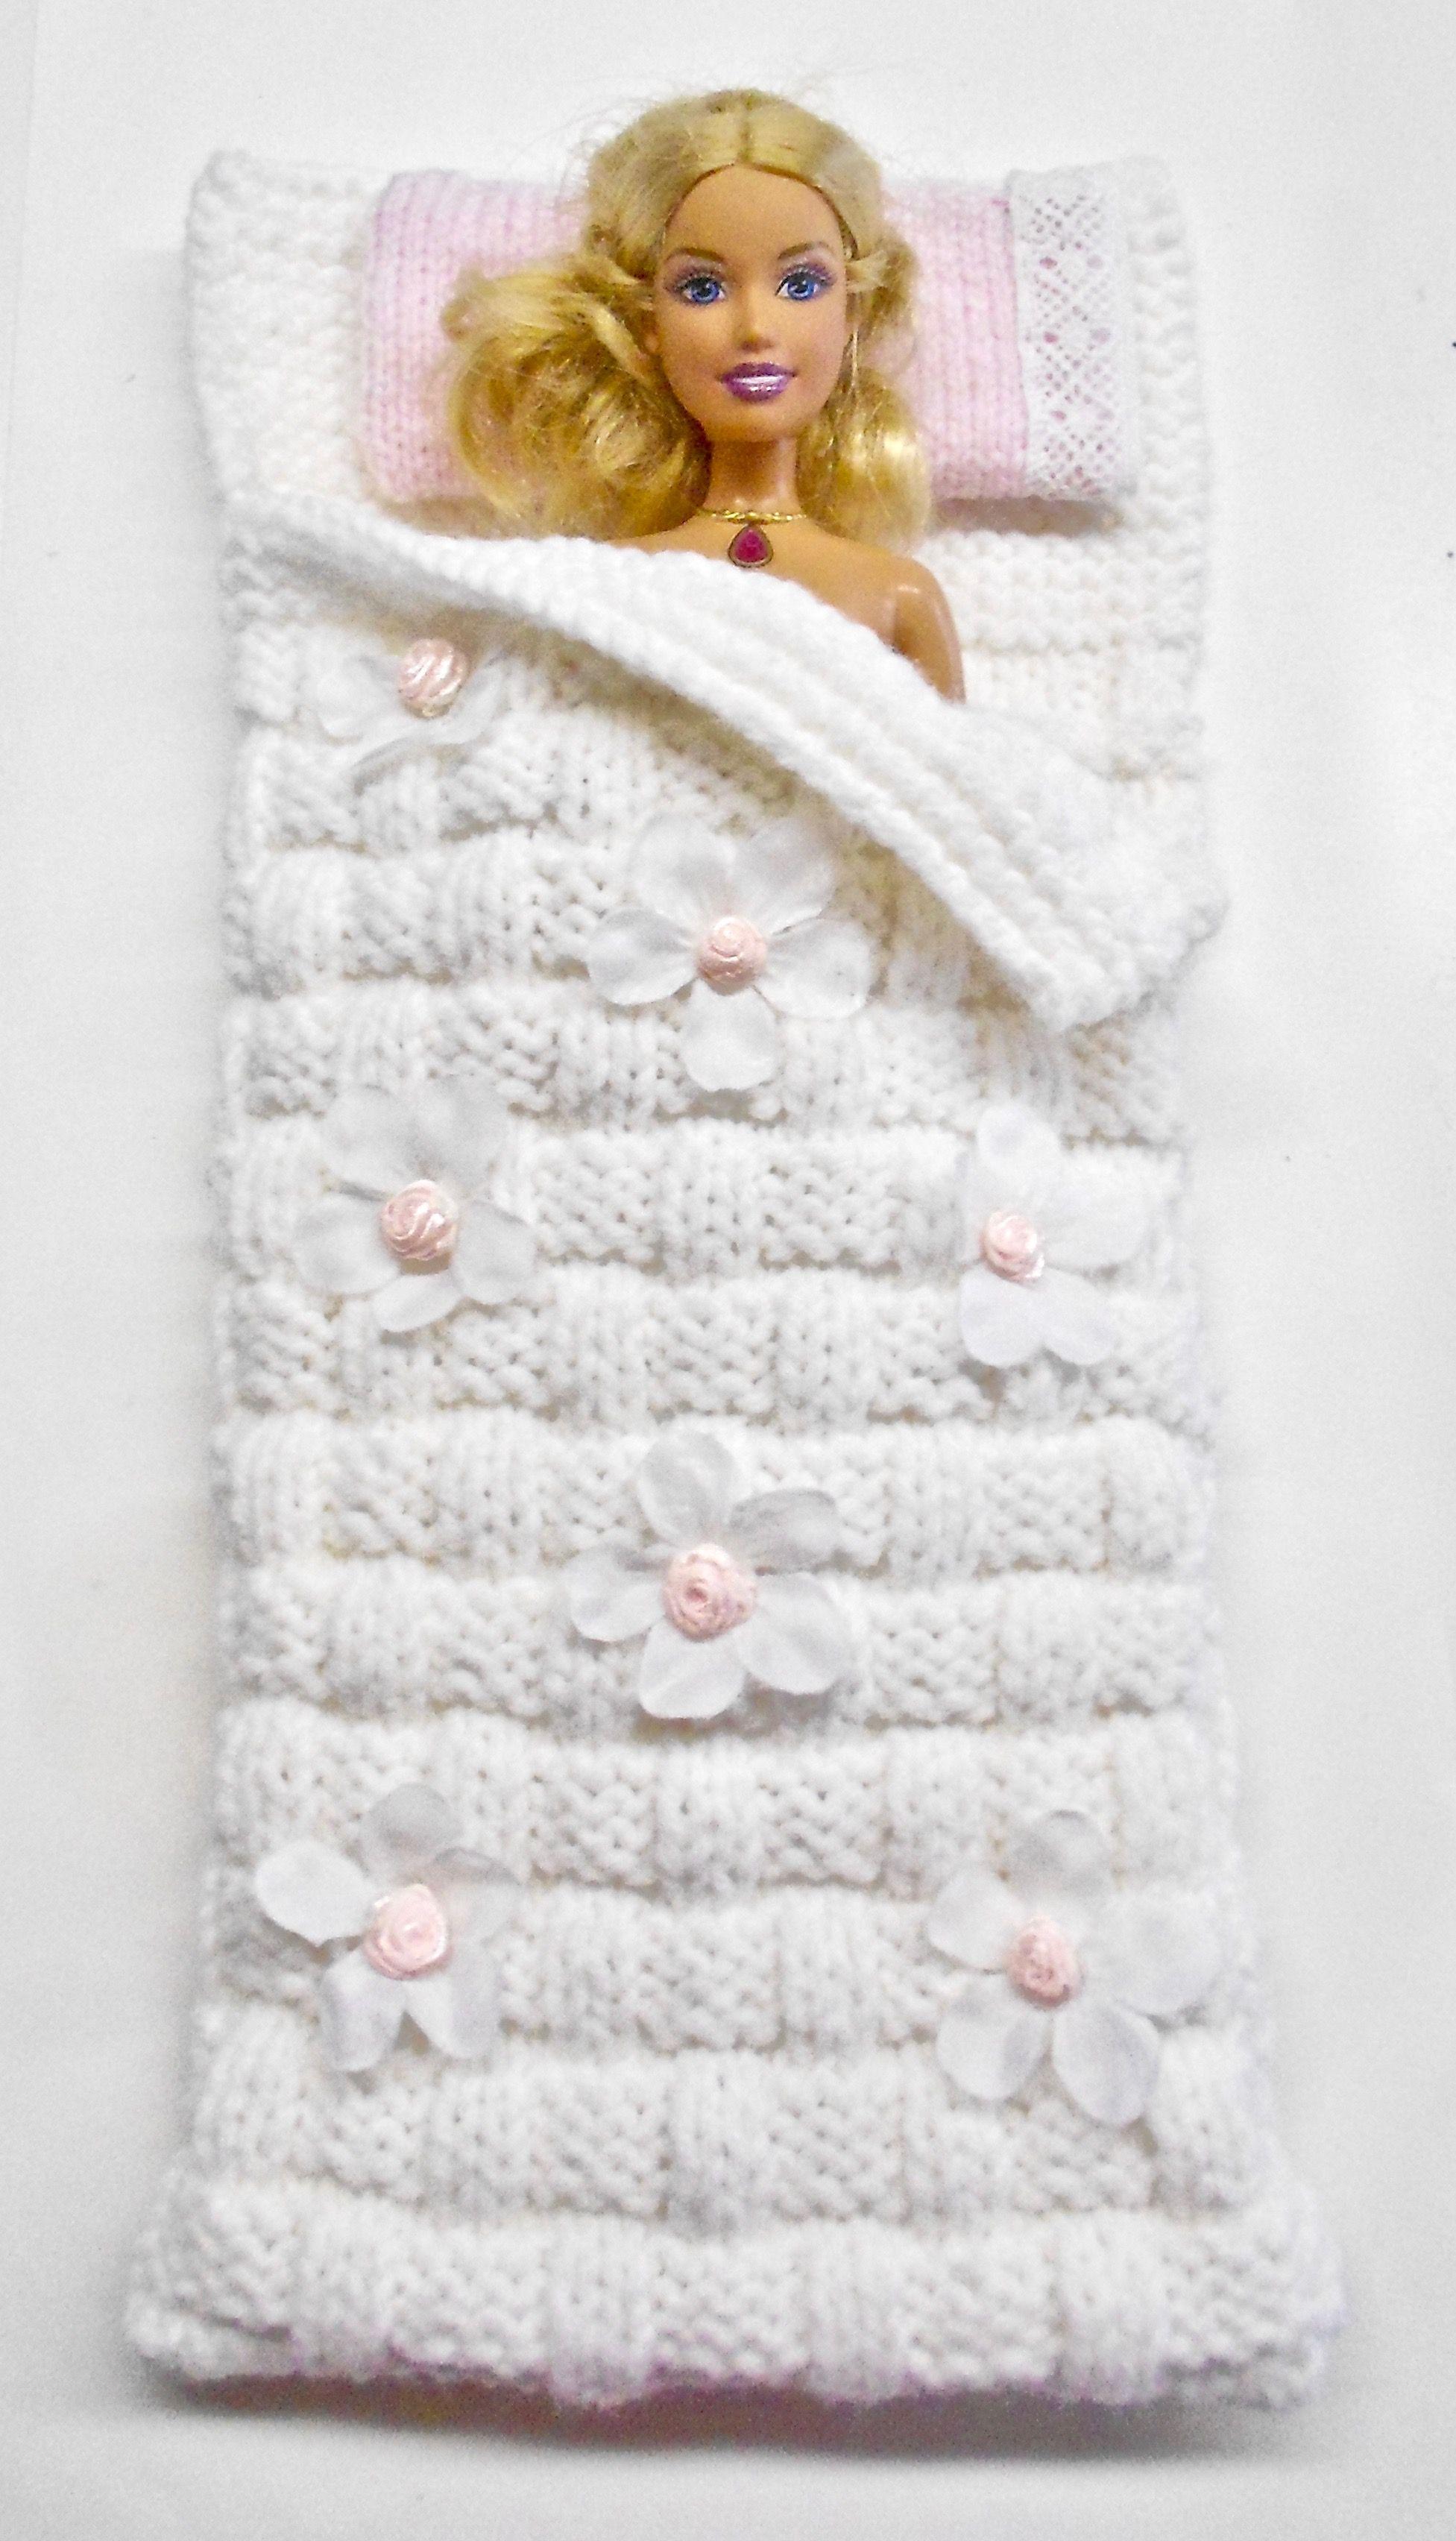 Barbie sleeping bag, tricot à la main, modèle unique #crochetedbarbiedollclothes